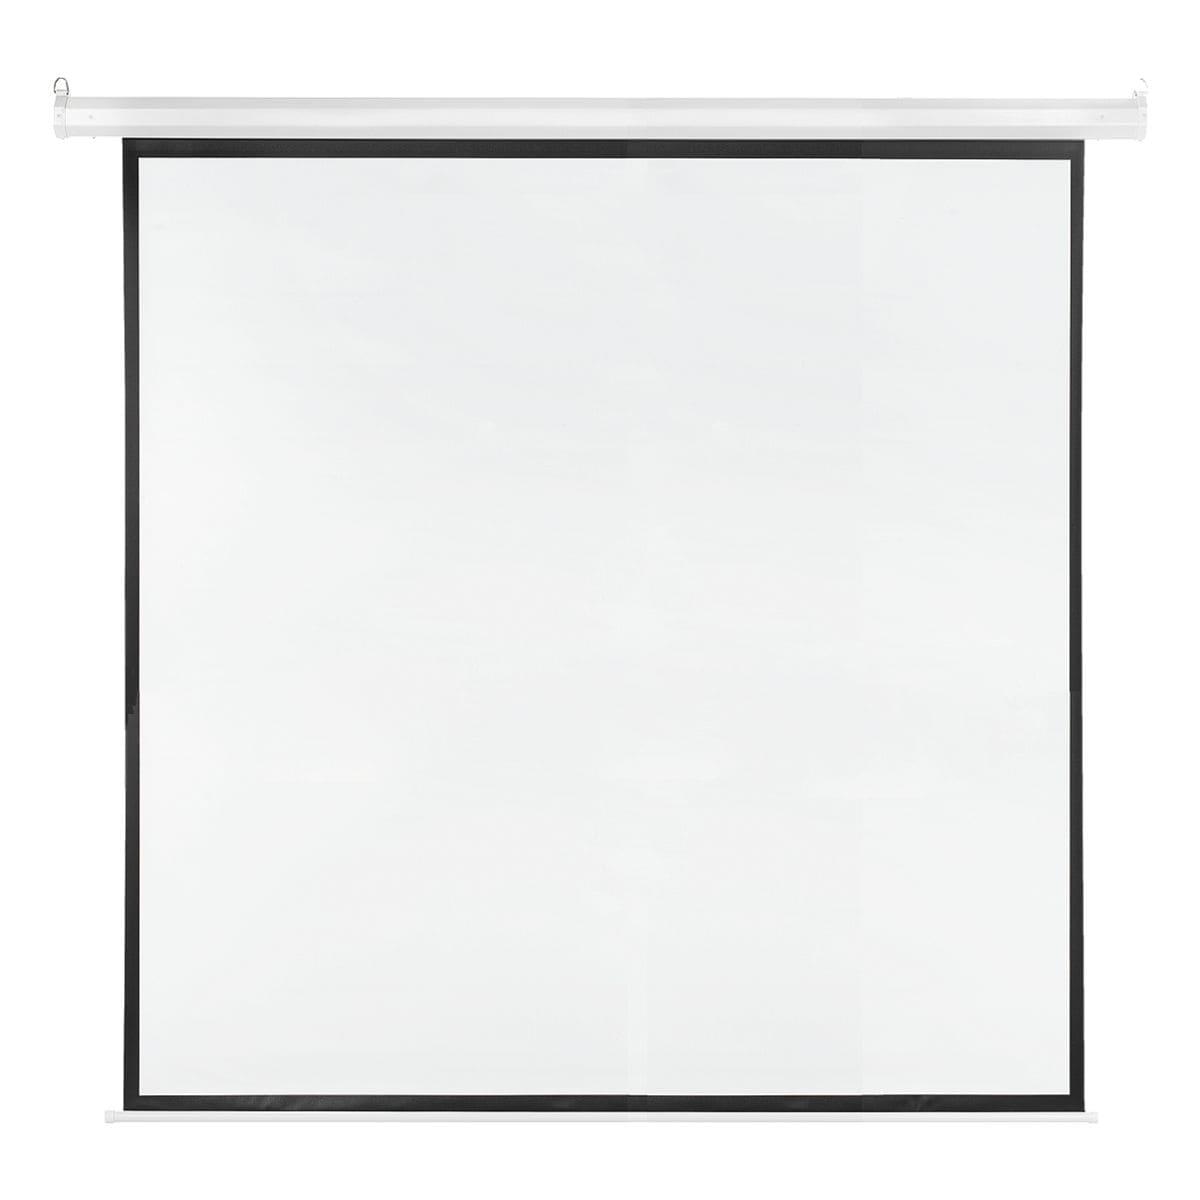 franken cran de projection lectrique x tra line 180x180 cm acheter prix conomique. Black Bedroom Furniture Sets. Home Design Ideas